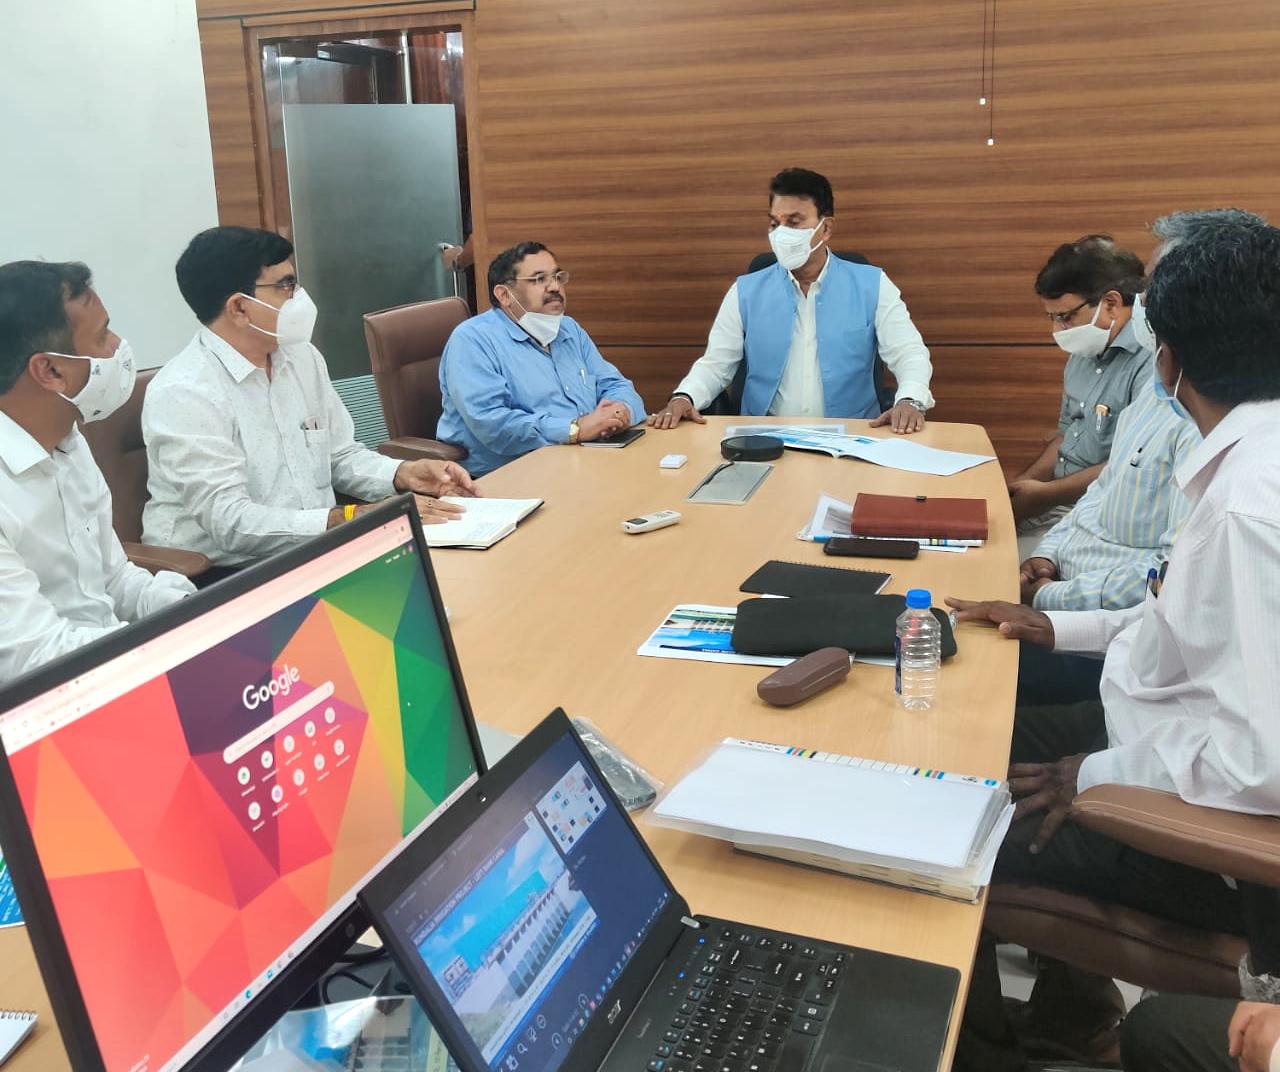 MP- जल संसाधन मंत्री सिलावट ने इएनसी ऑफिस का निरीक्षण किया